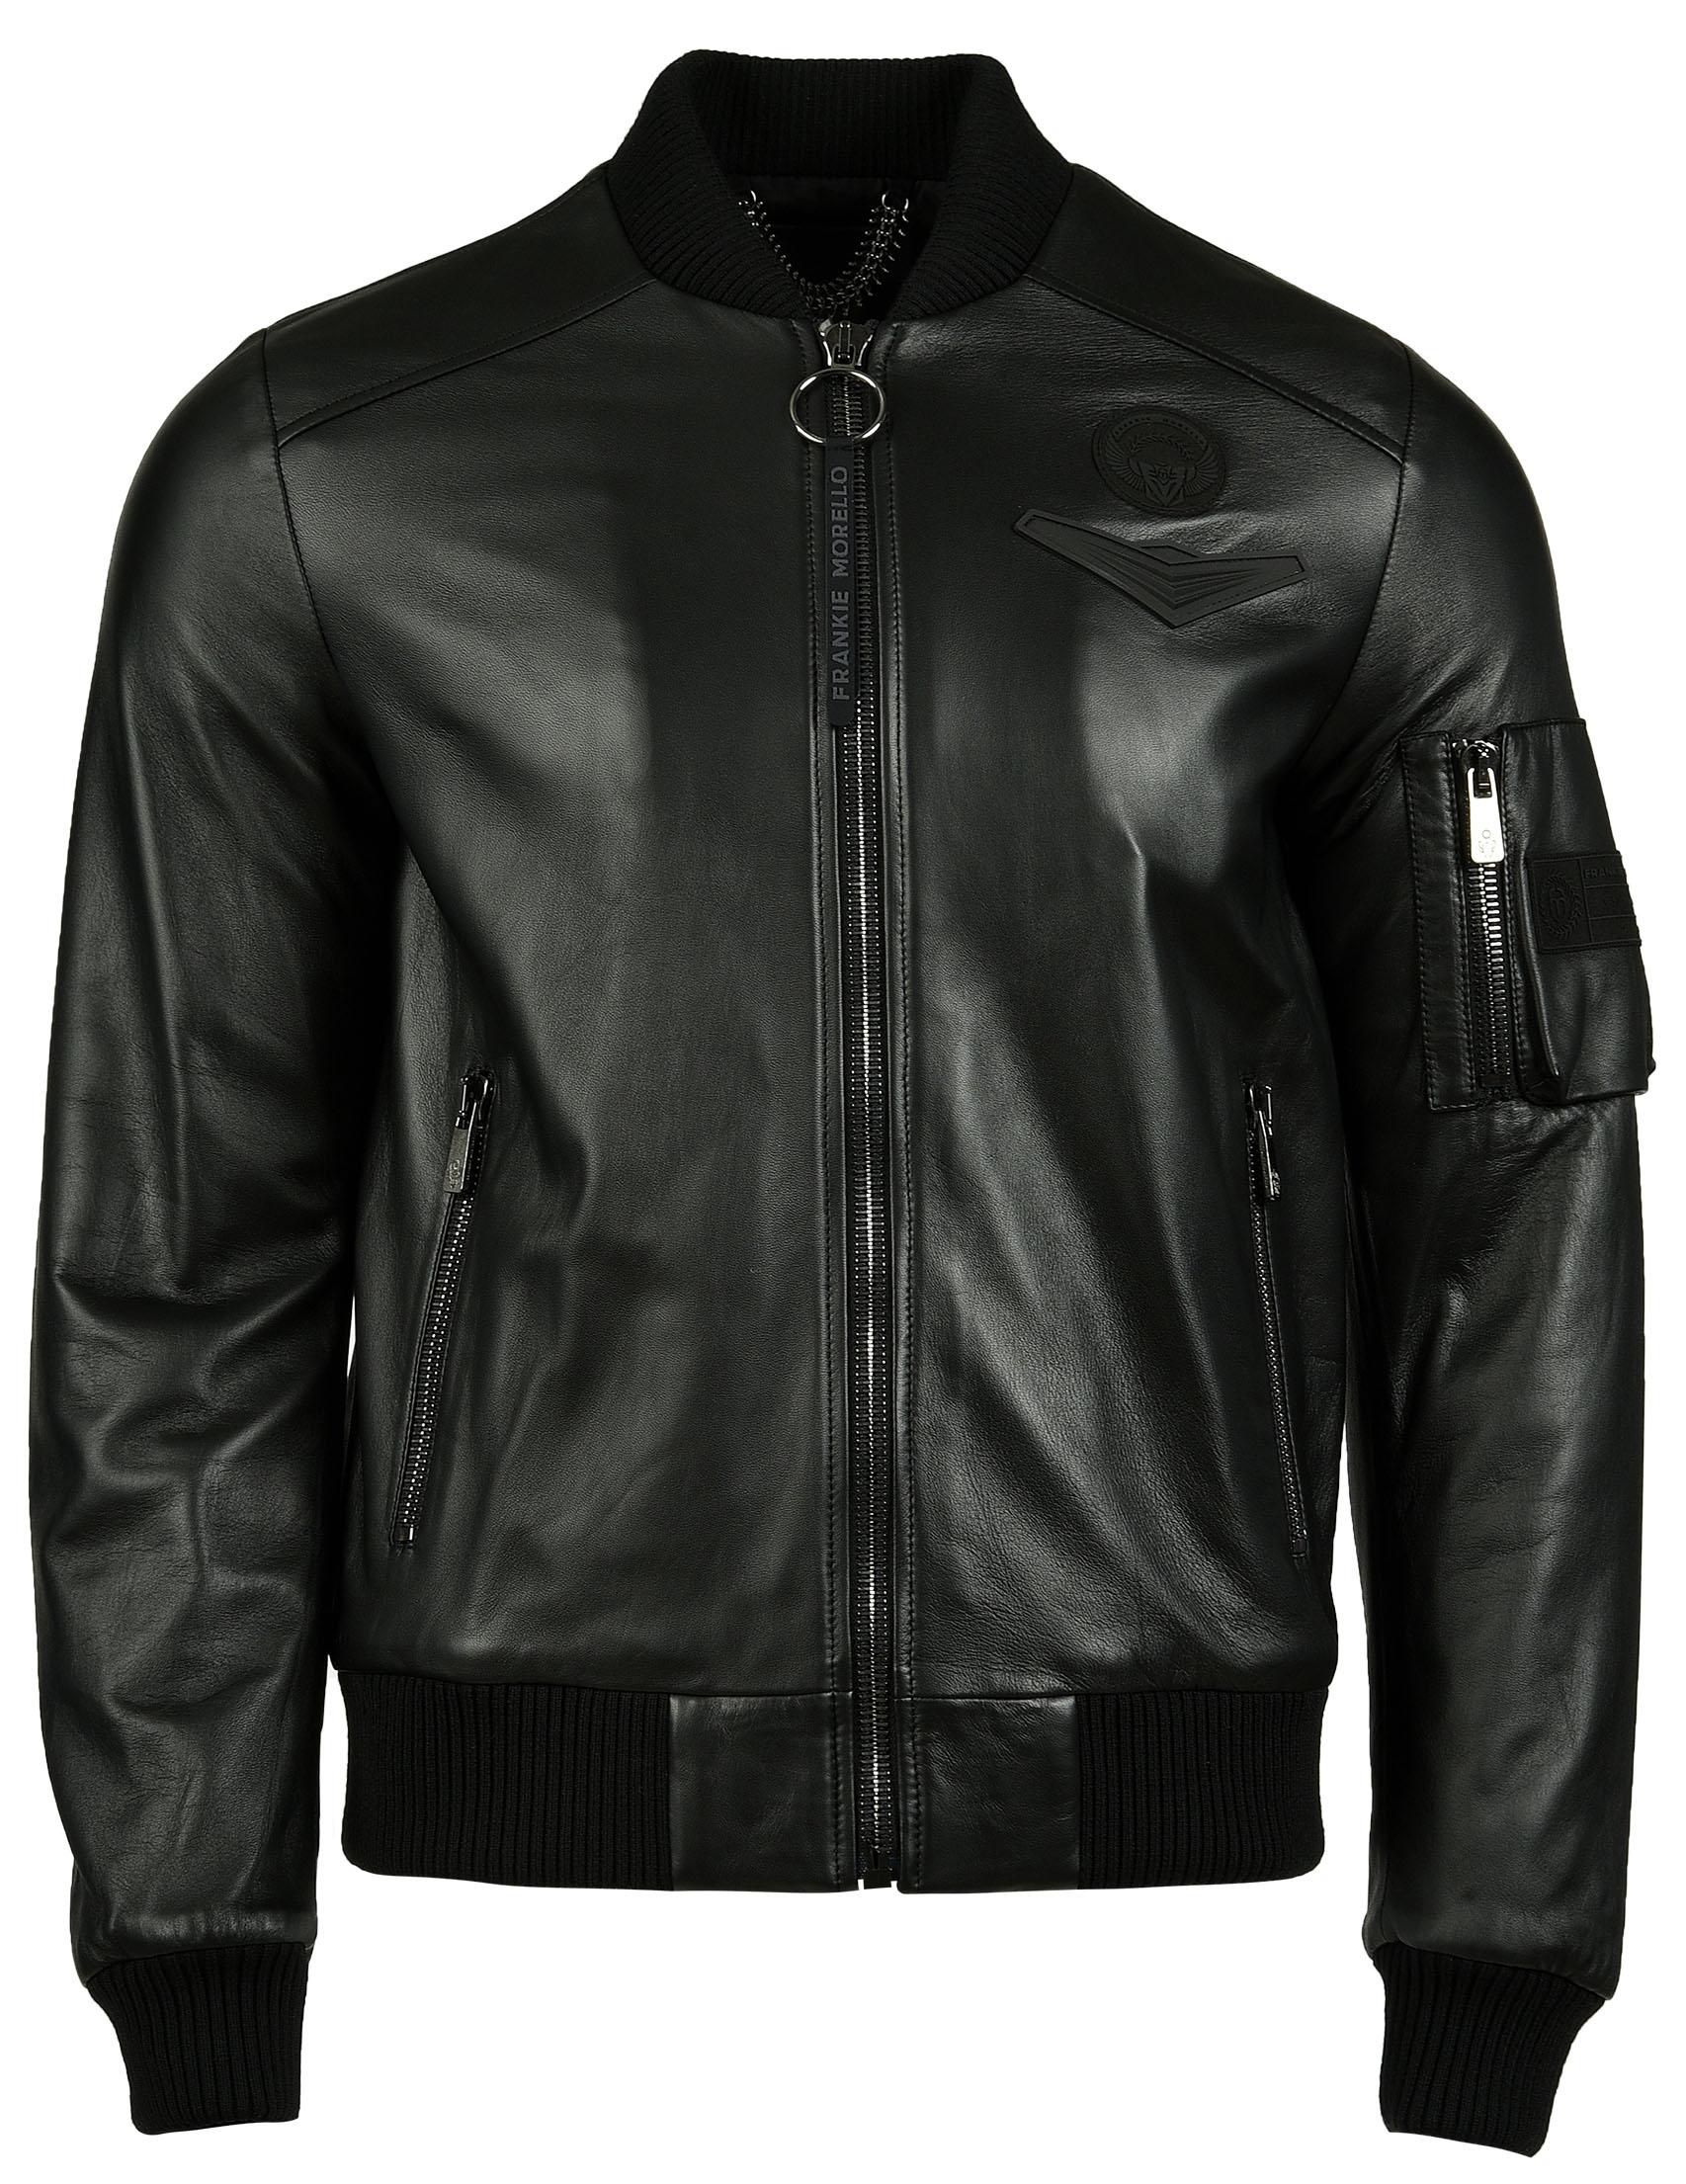 Купить Куртка, FRANKIE MORELLO, Черный, 100%Кожа;50%Шерсть 50%Акрил, Осень-Зима